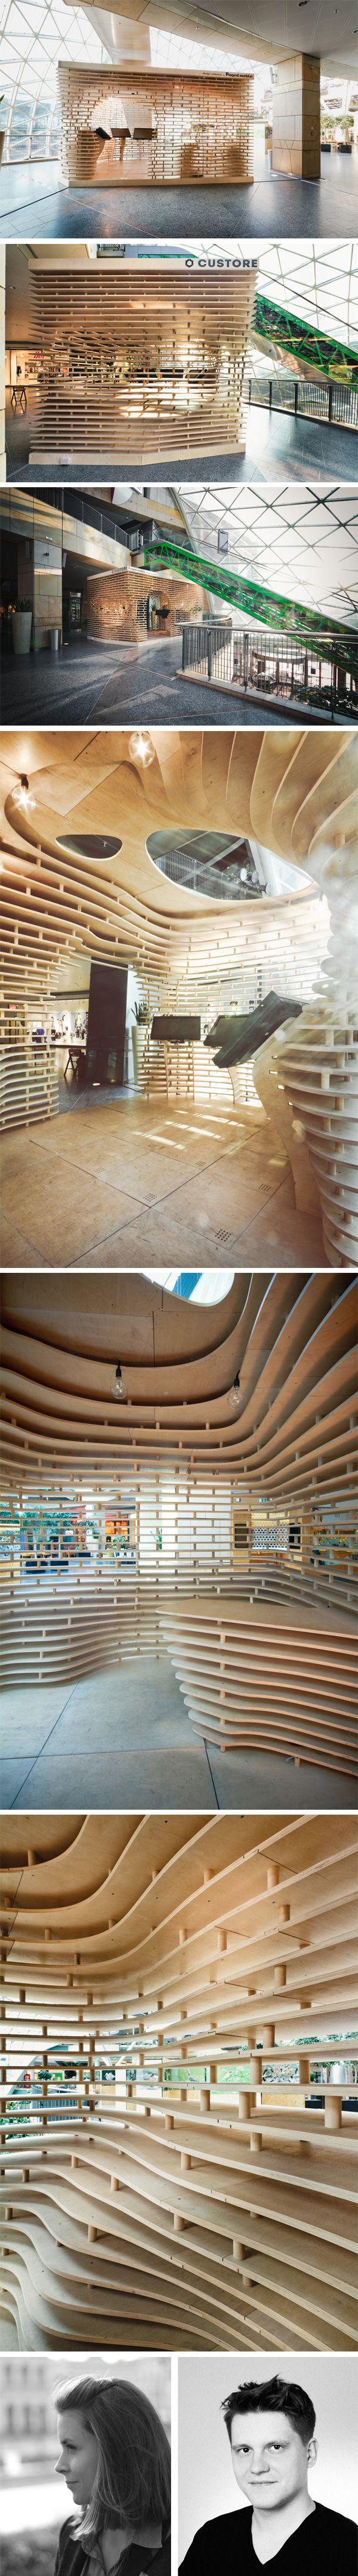 Custore-Pavilion par Anna Dobek et Mateusz Wojcicki Custore Pavilion explore les domaines de l'architecture paramétrique.Entièrement en contreplaqué, l'enveloppe striée de ce concept store abrite un espace avec des écrans tactiles pour présenter les produits et un espace pour une galerie d'art. Assemblage de contreplaqué.